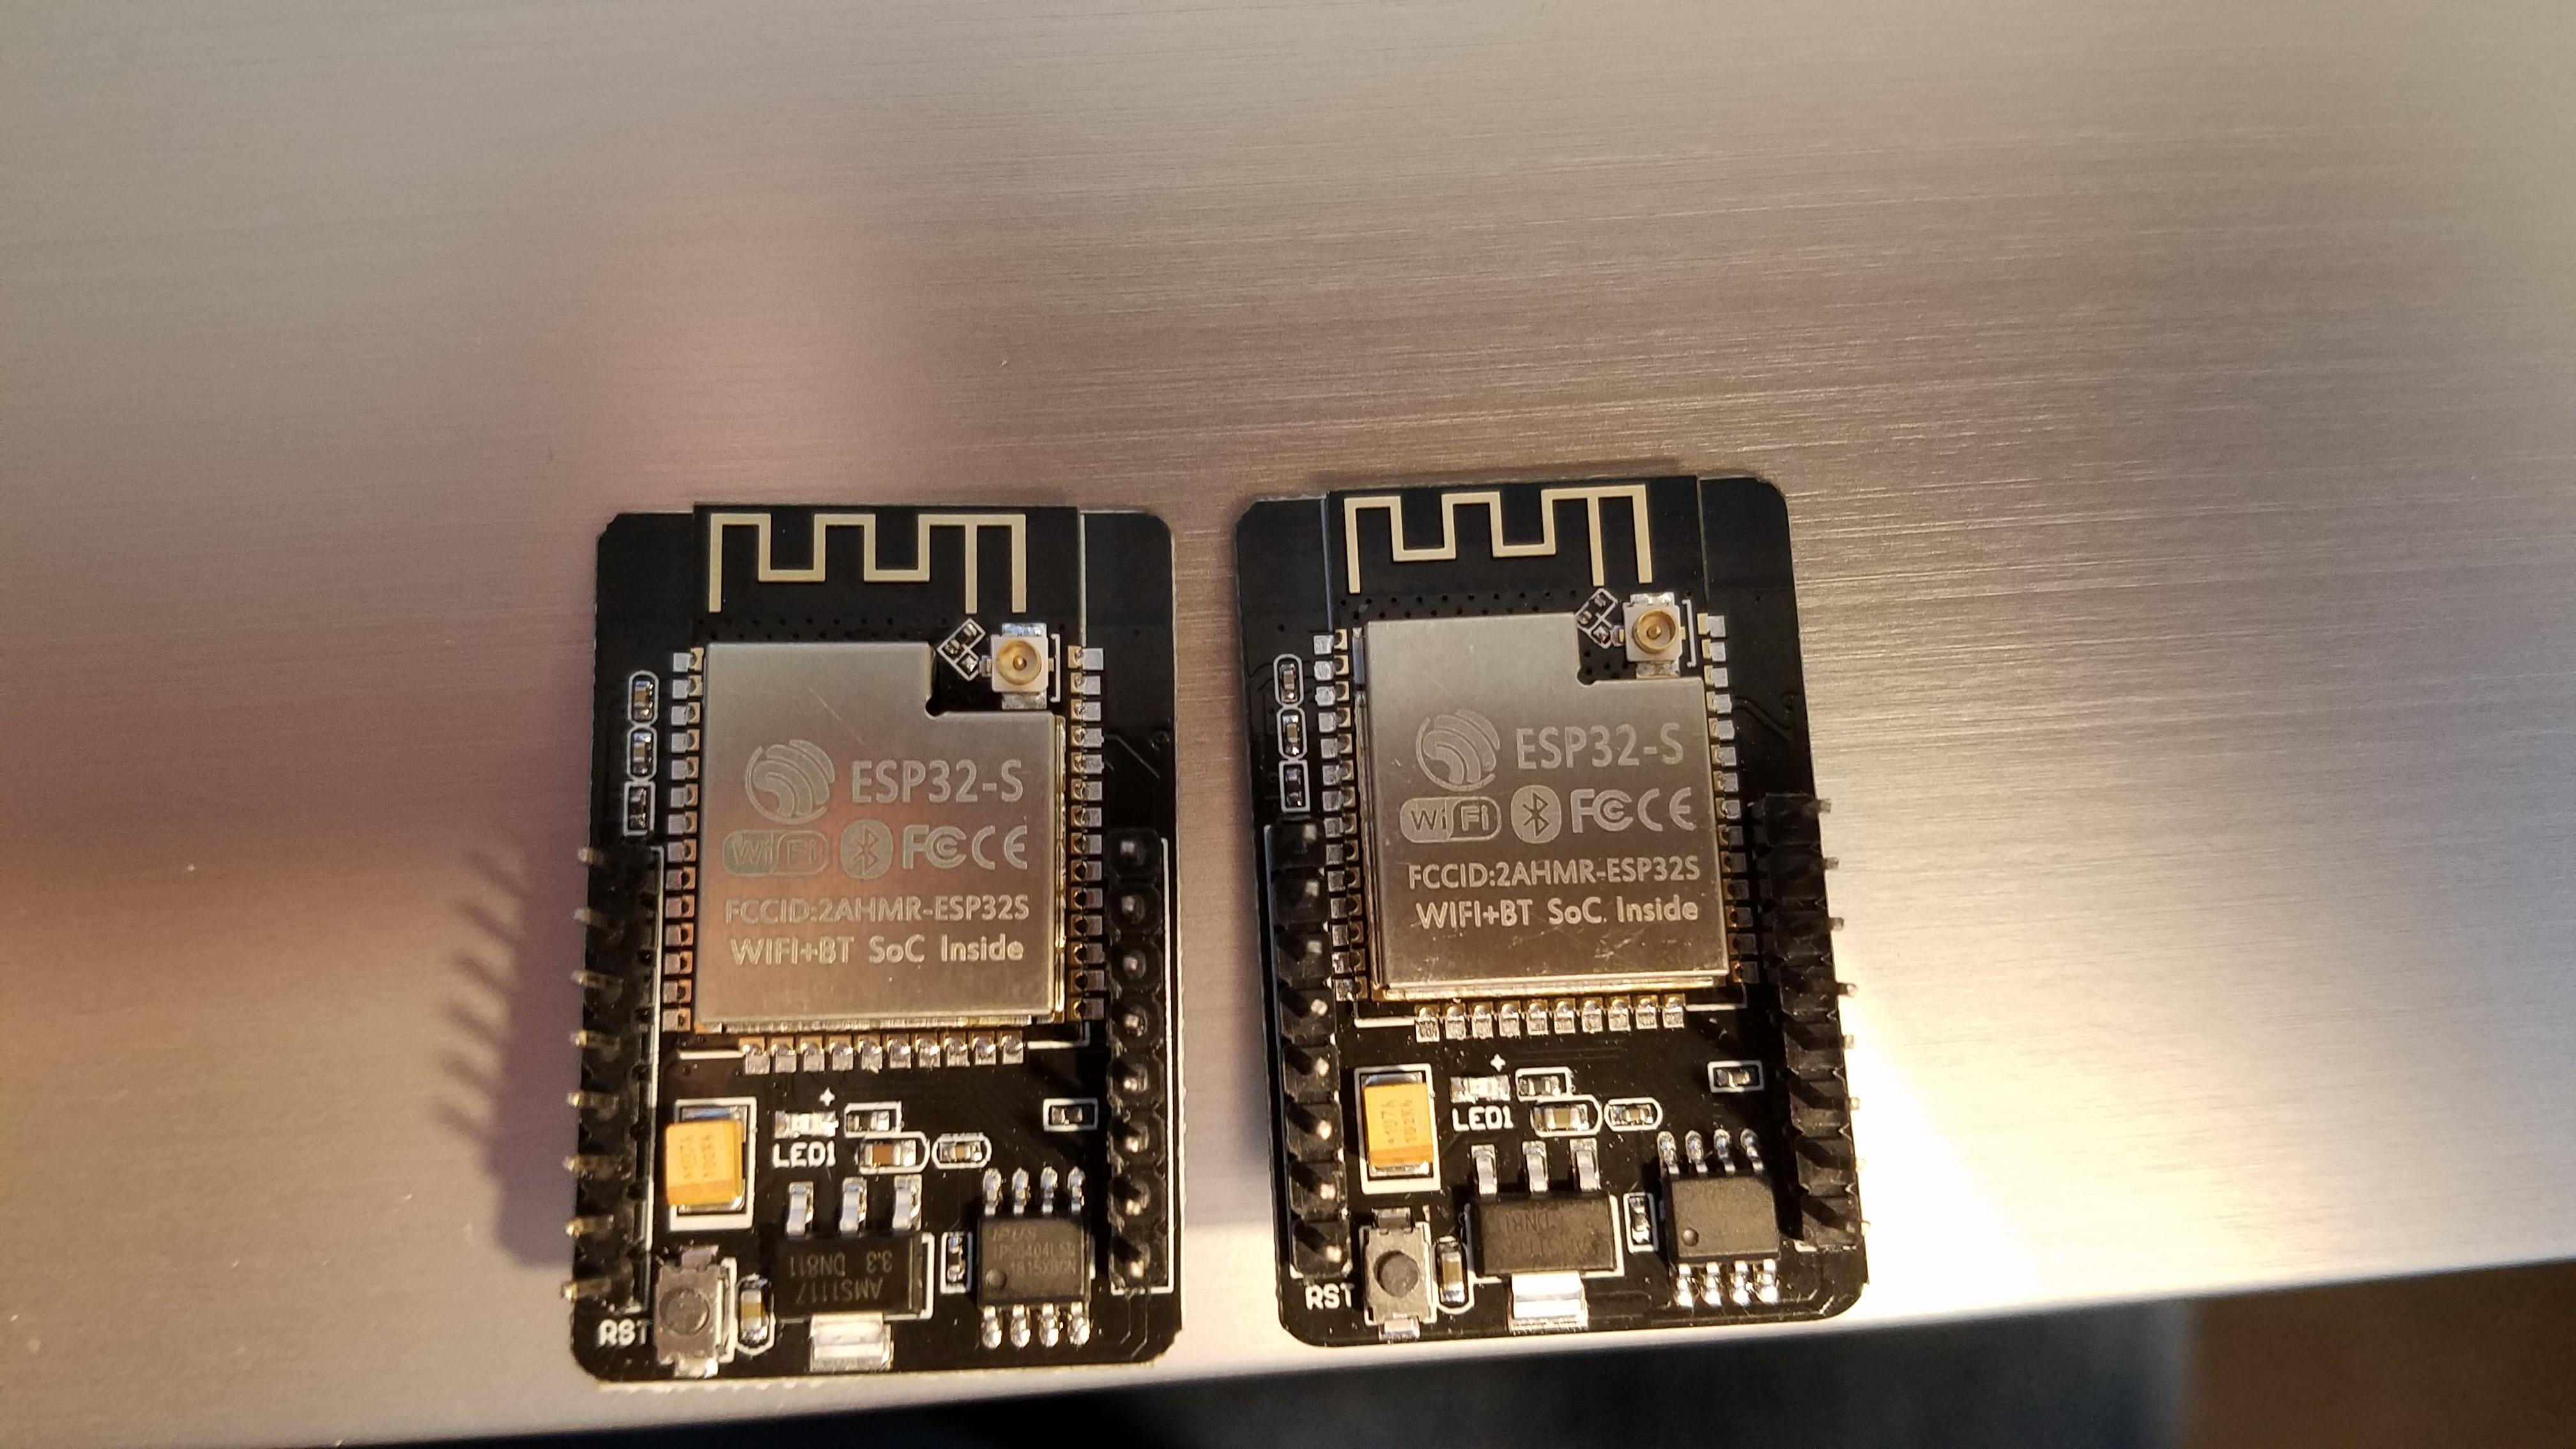 ESP32-Cam issue · Issue #2659 · espressif/arduino-esp32 · GitHub